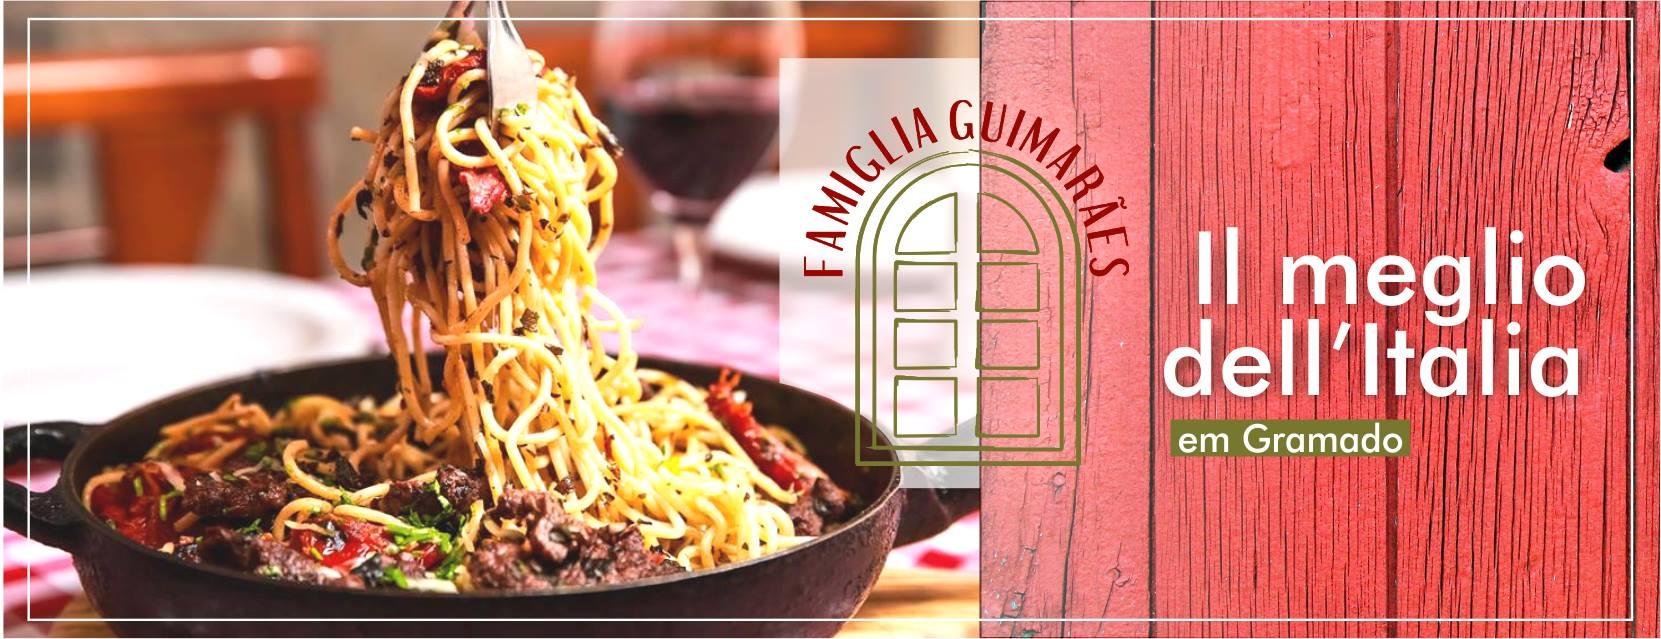 Agora se você está em Gramado ou estará indo para o festuris e Natal luz, anote aí o melhor endereço gastronômico italiano. Famiglia Guimarães